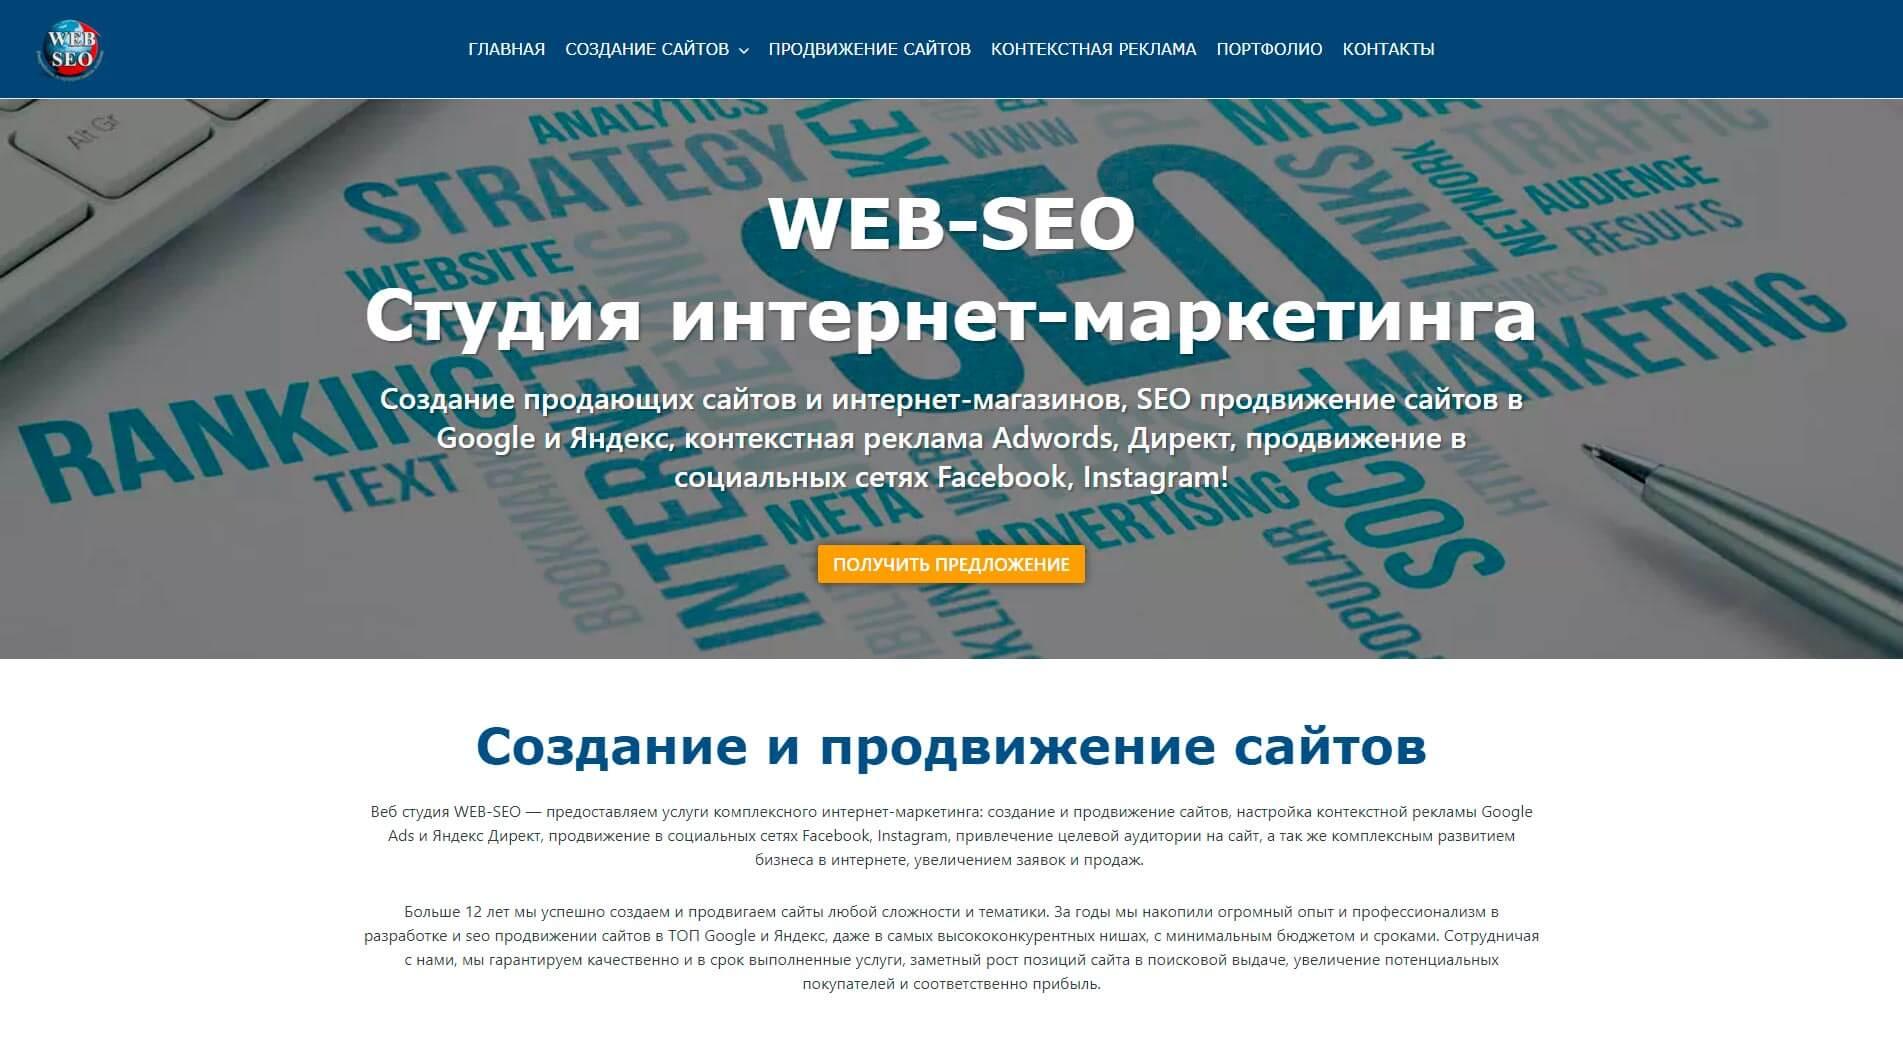 Web-Seo - обзор компании, услуги, отзывы, клиенты | Google SEO, Фото № 1 - google-seo.pro